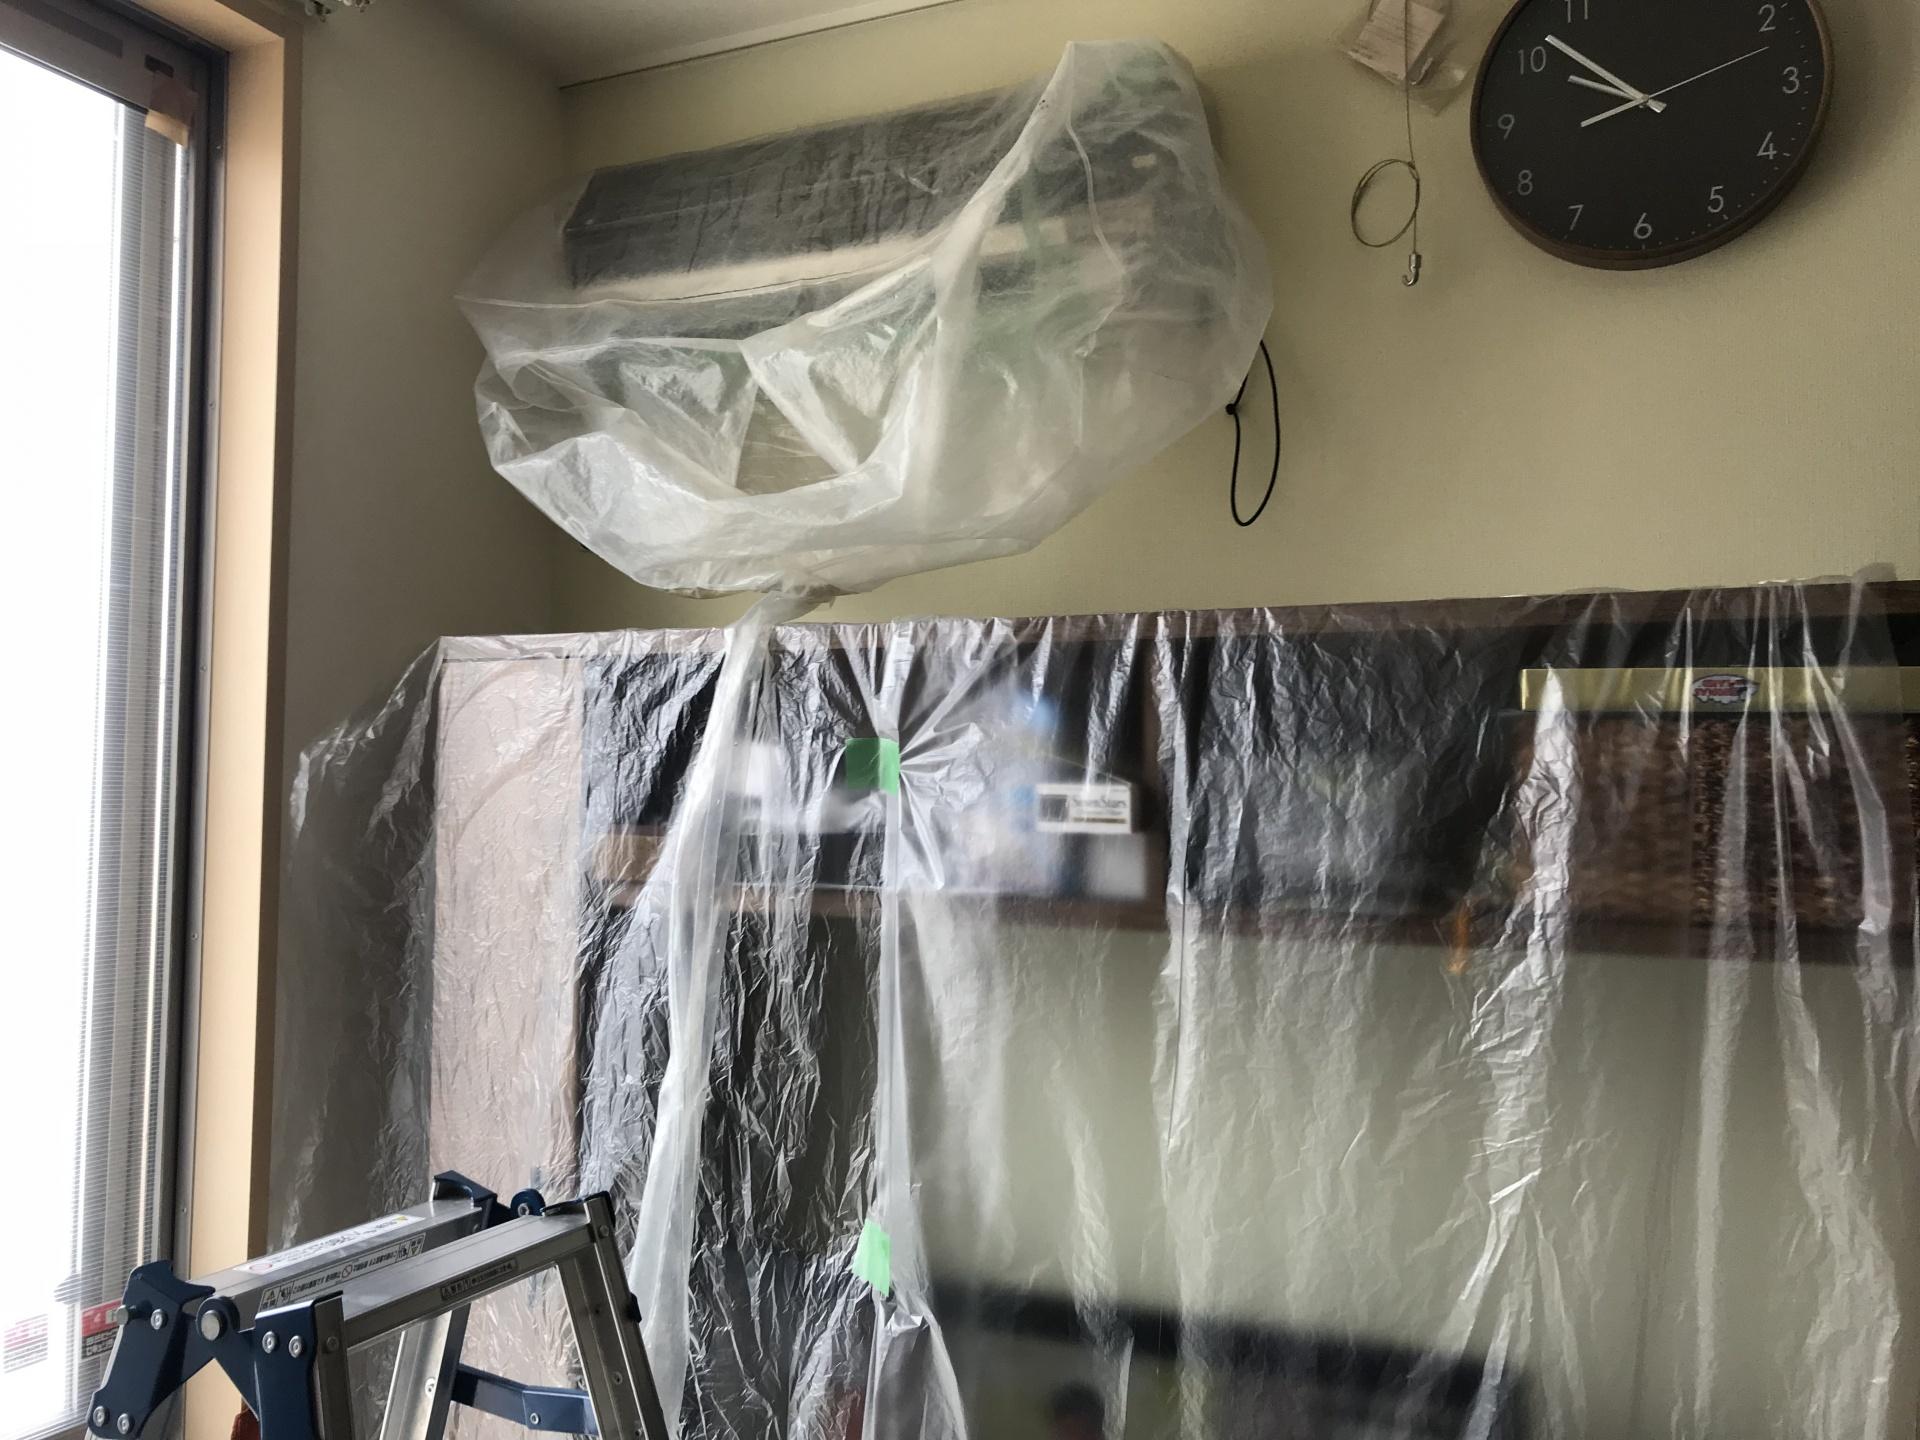 エアコン本体にはカバー、棚にはビニールシートをかぶせています